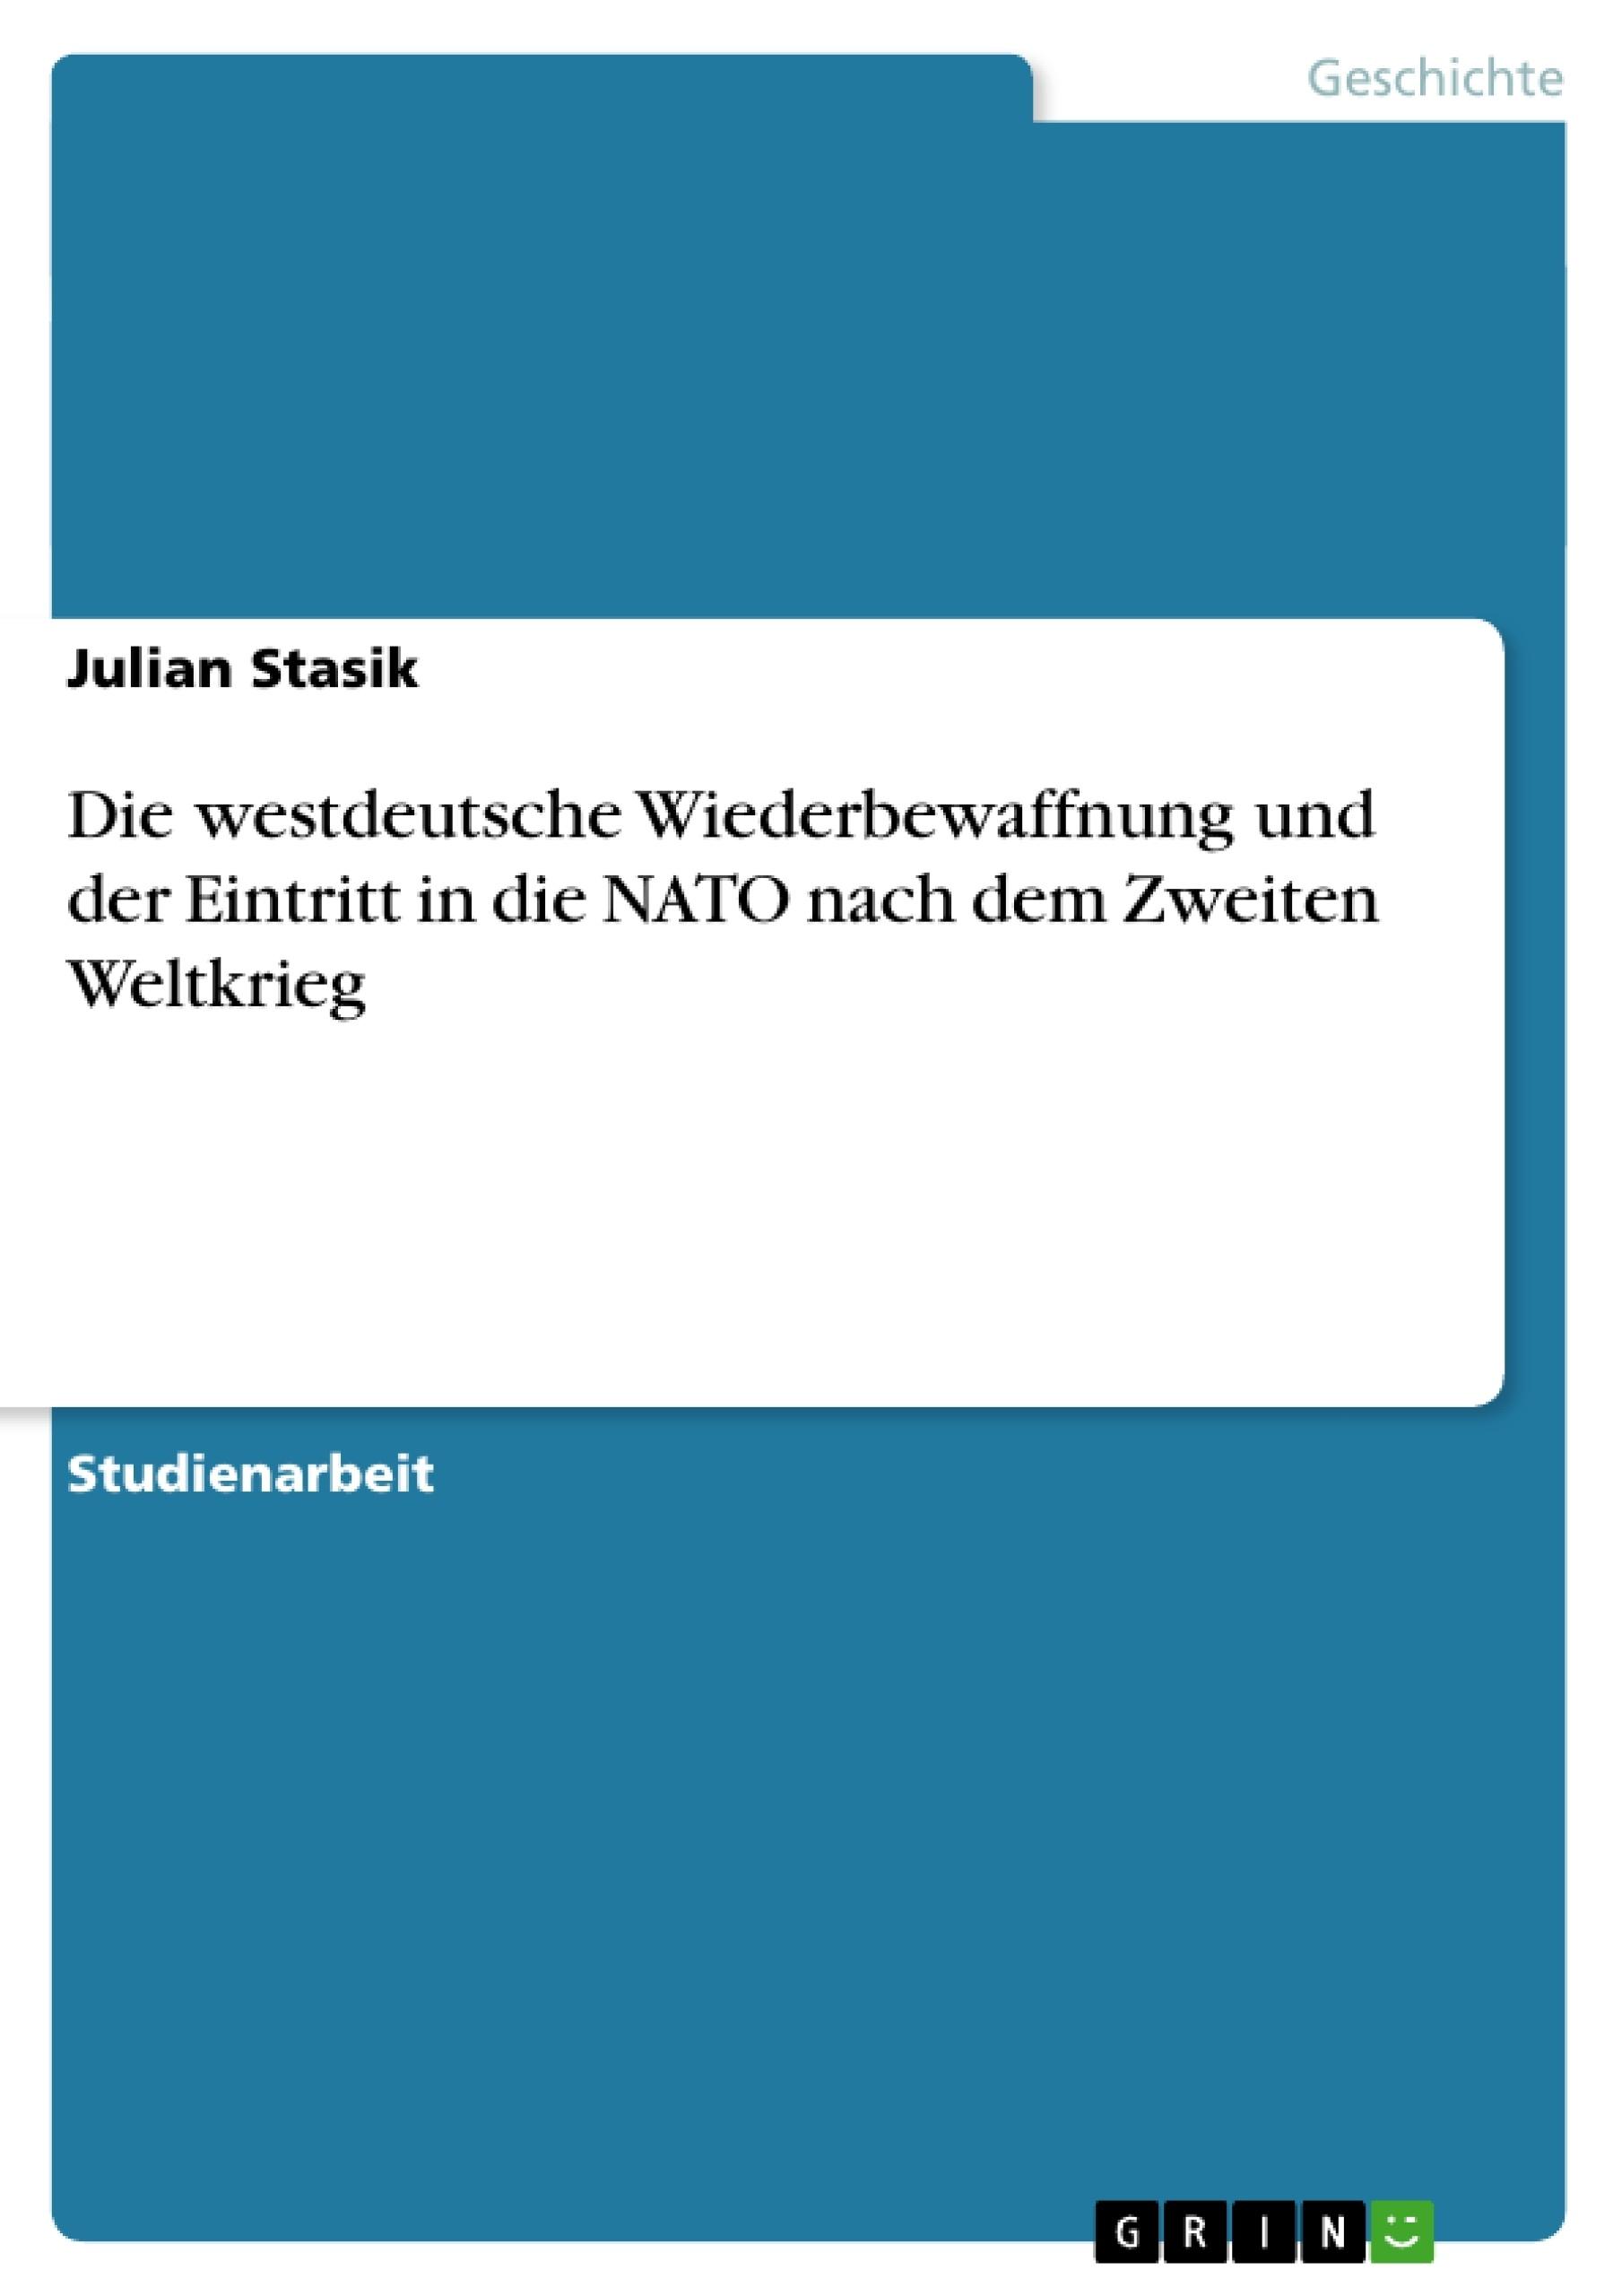 Titel: Die westdeutsche Wiederbewaffnung und der Eintritt in die NATO nach dem Zweiten Weltkrieg